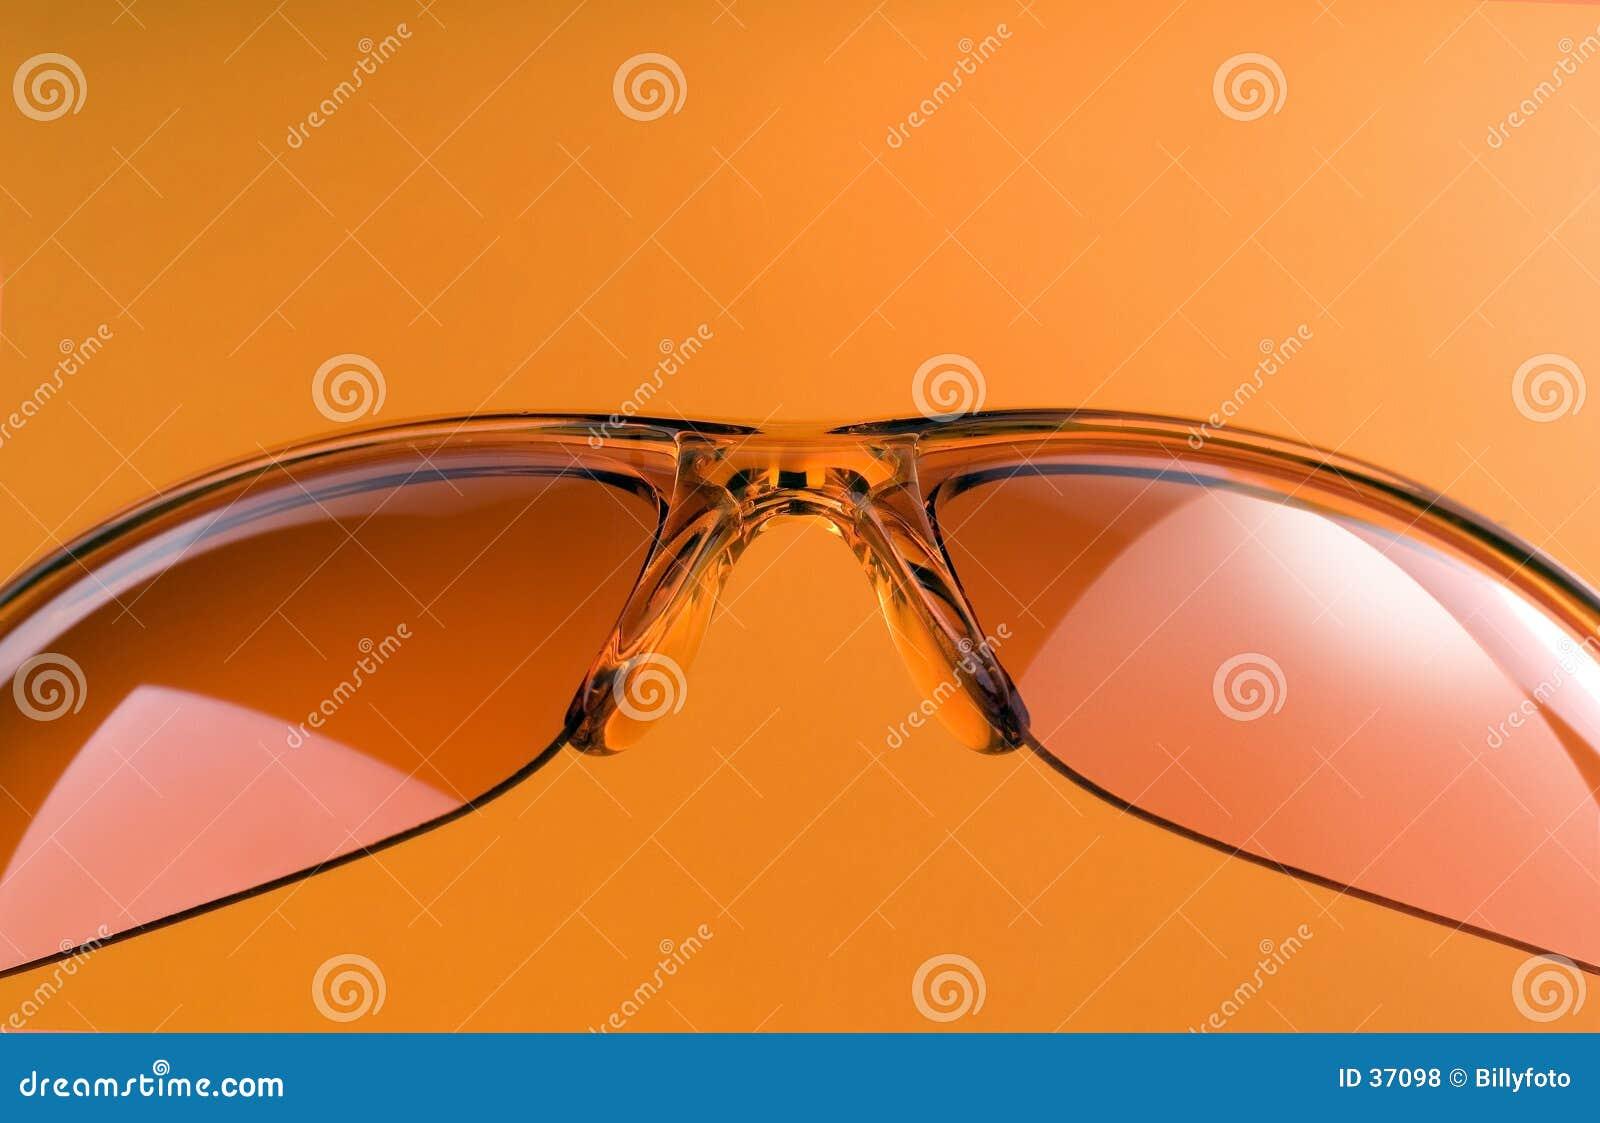 Okulary przeciwsłoneczne pomarańczowe